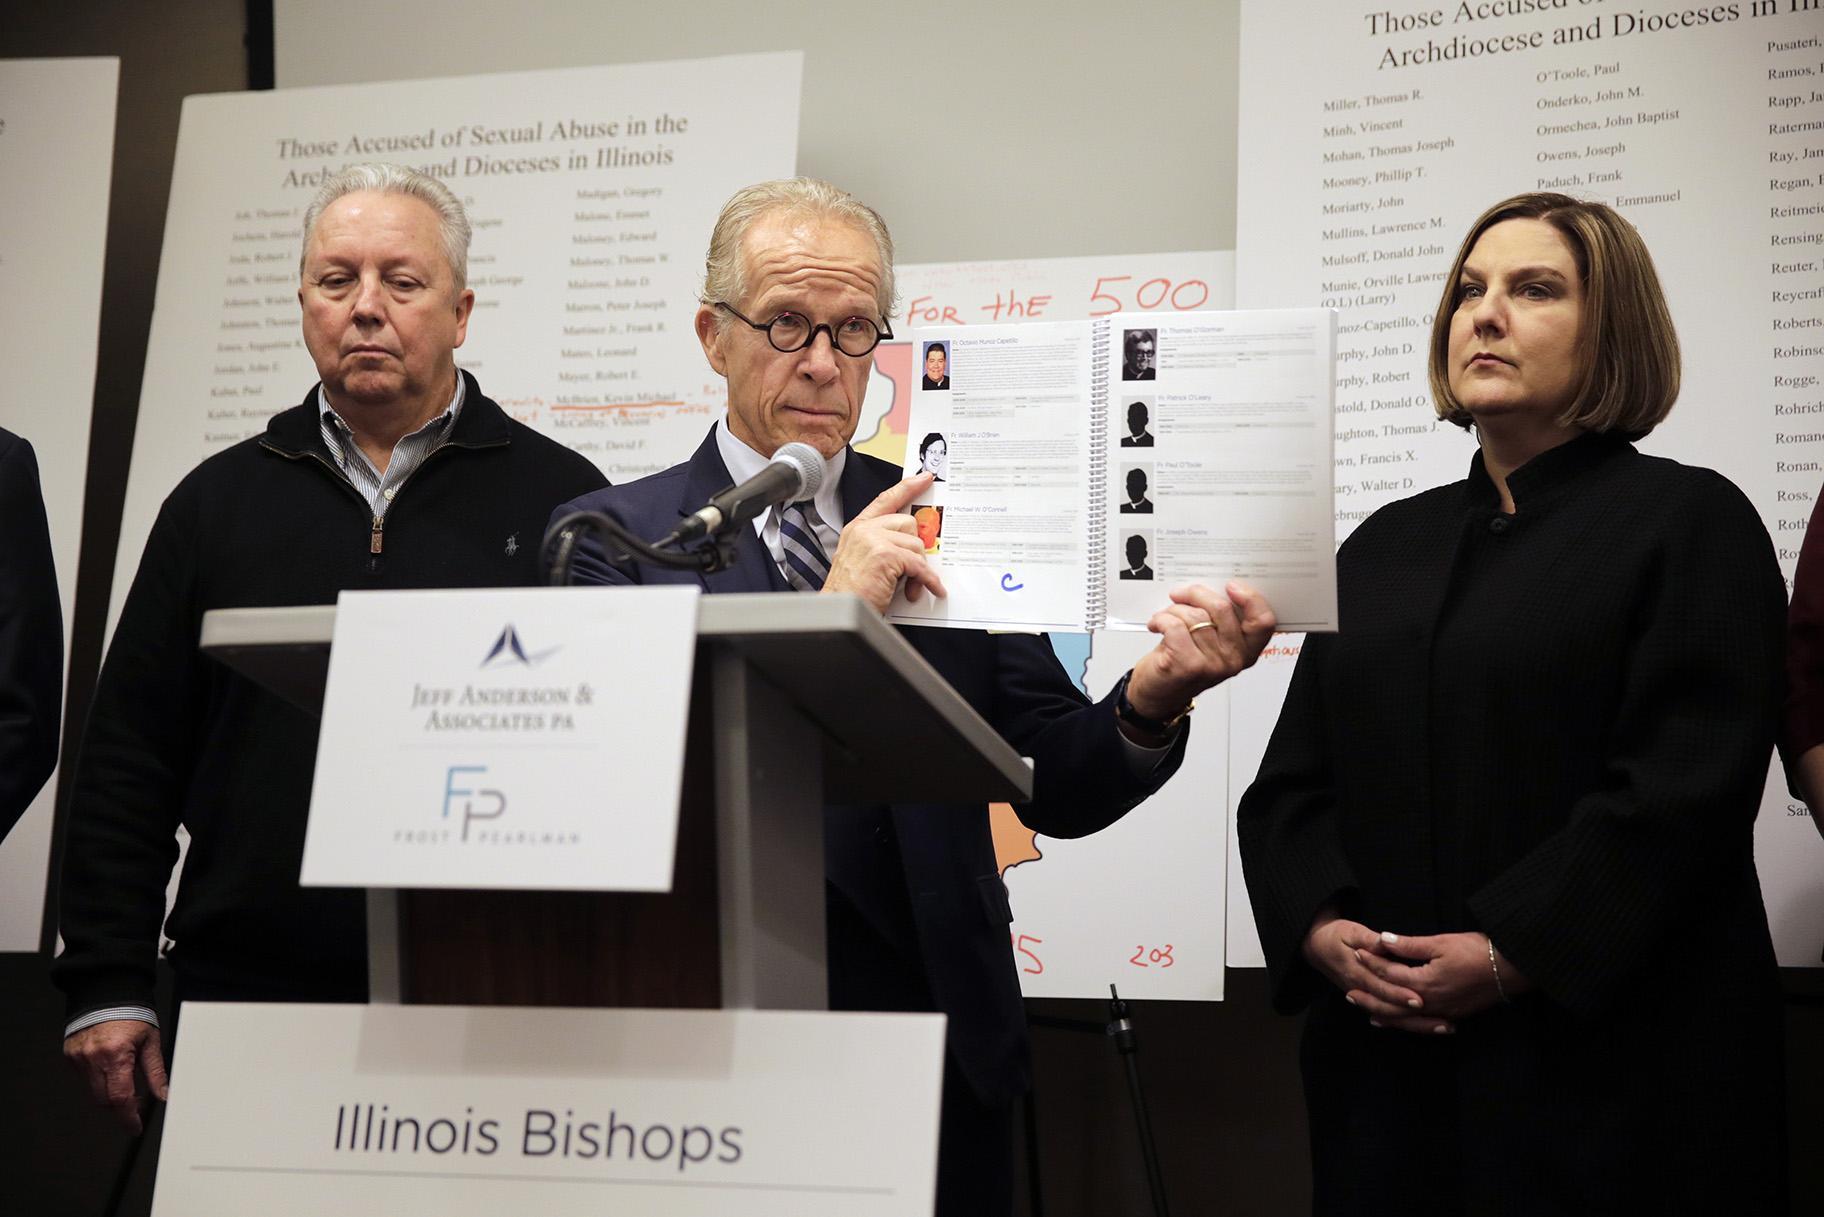 Opublikowano nazwiska prawie 400 księży z Illinois oskarżonych o molestowanie seksualne